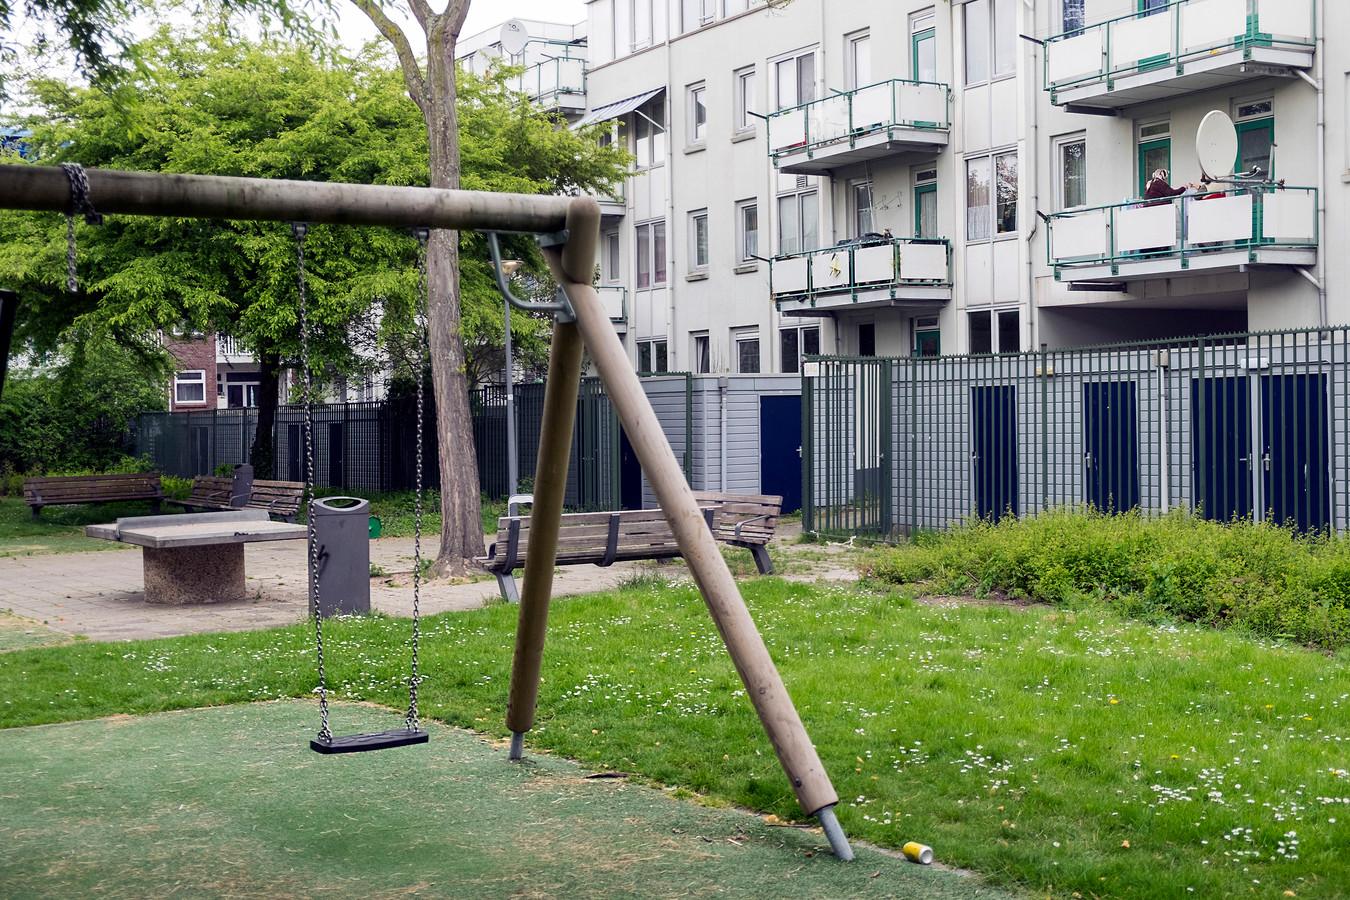 Sociale huurwoningen in de Afrikaanderwijk in Rotterdam.